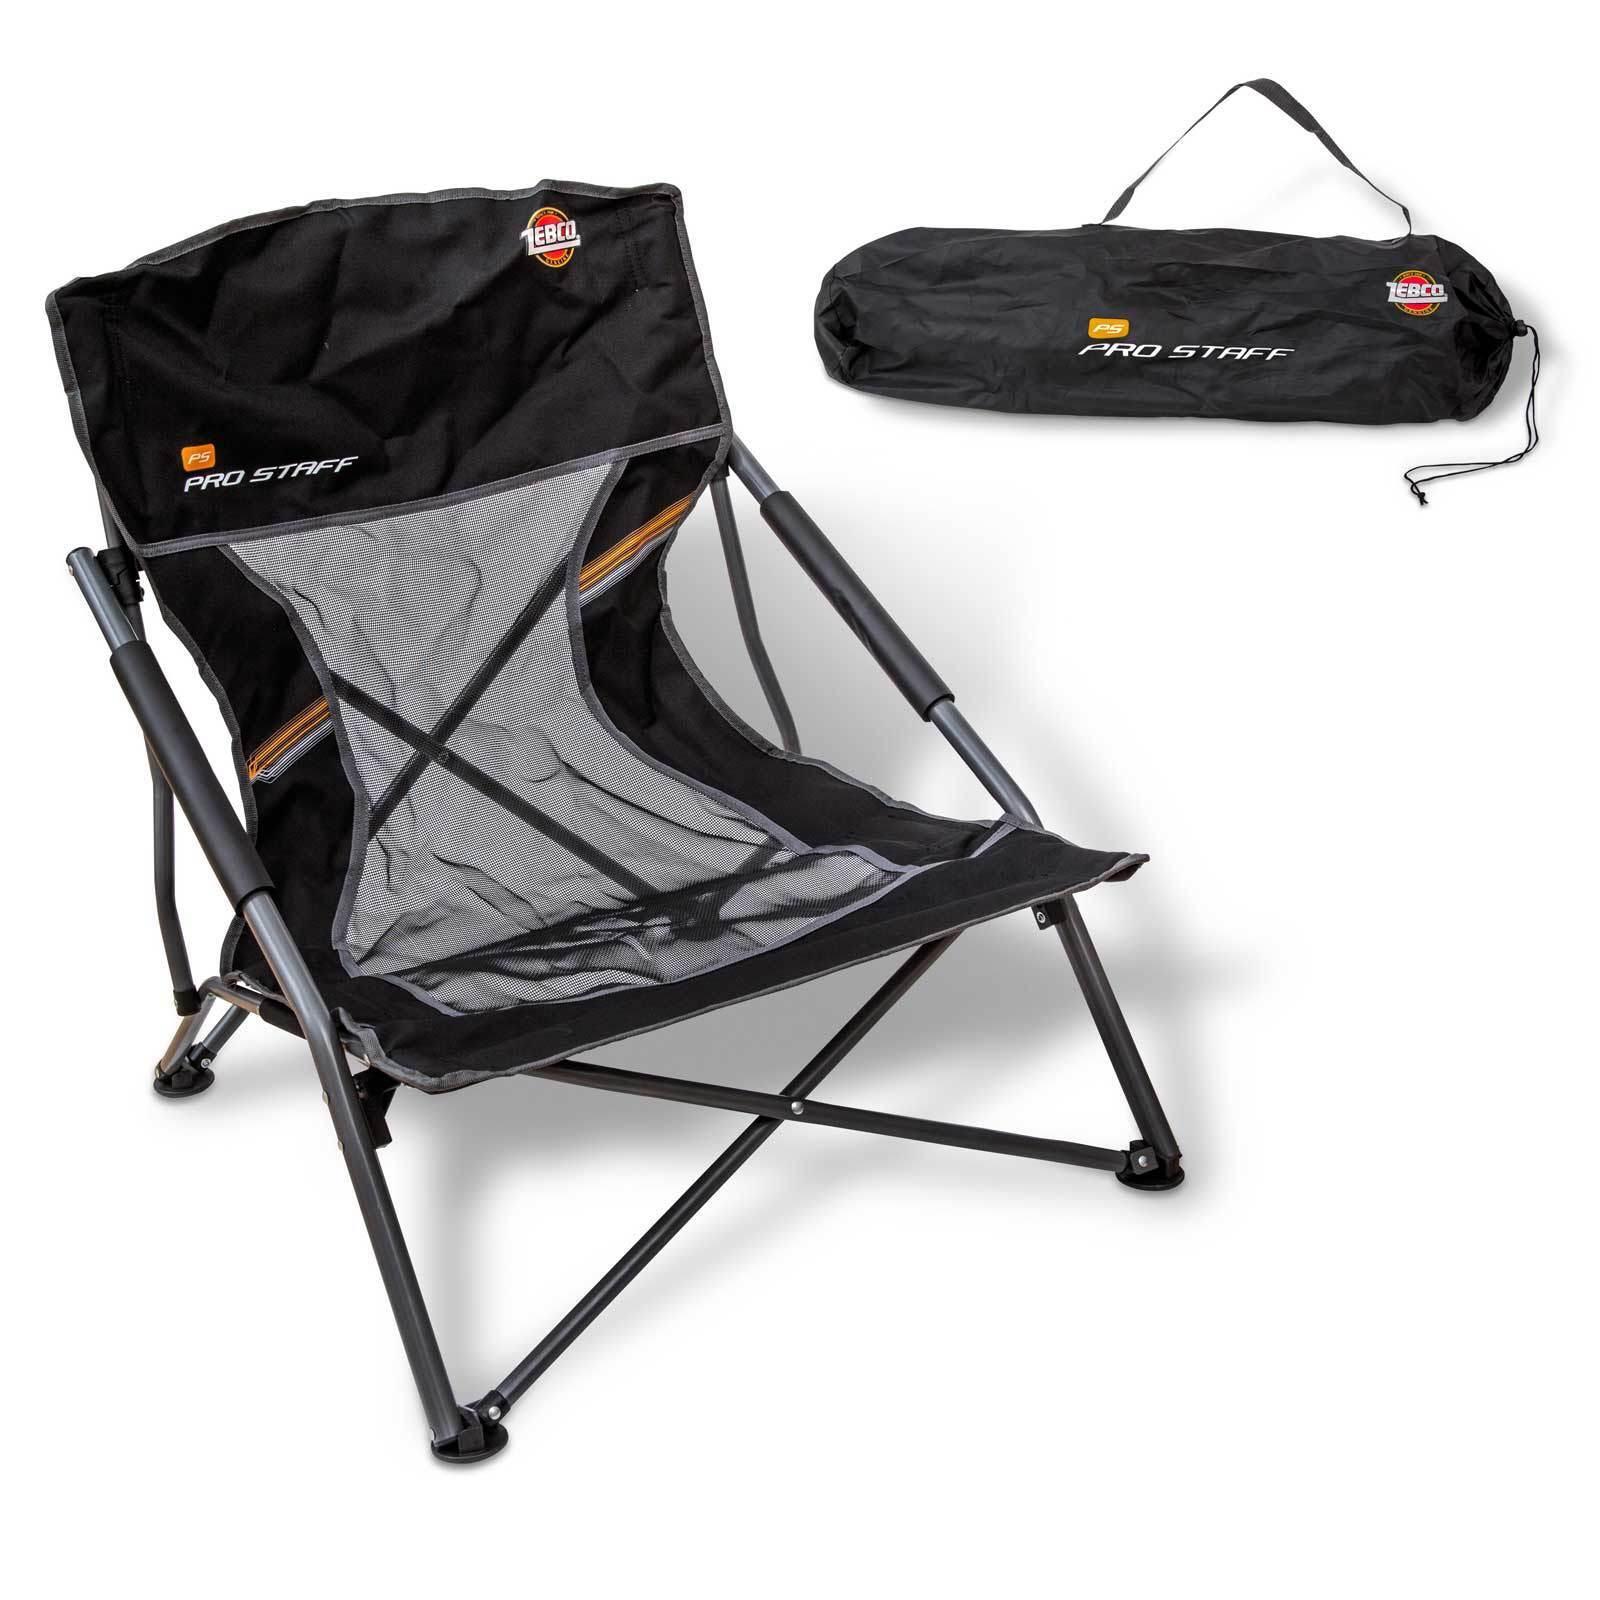 Zebco Angel Chaise Chaise de camping plage Chaise Chaise Pliante Pêche-Pro Staff FG plat